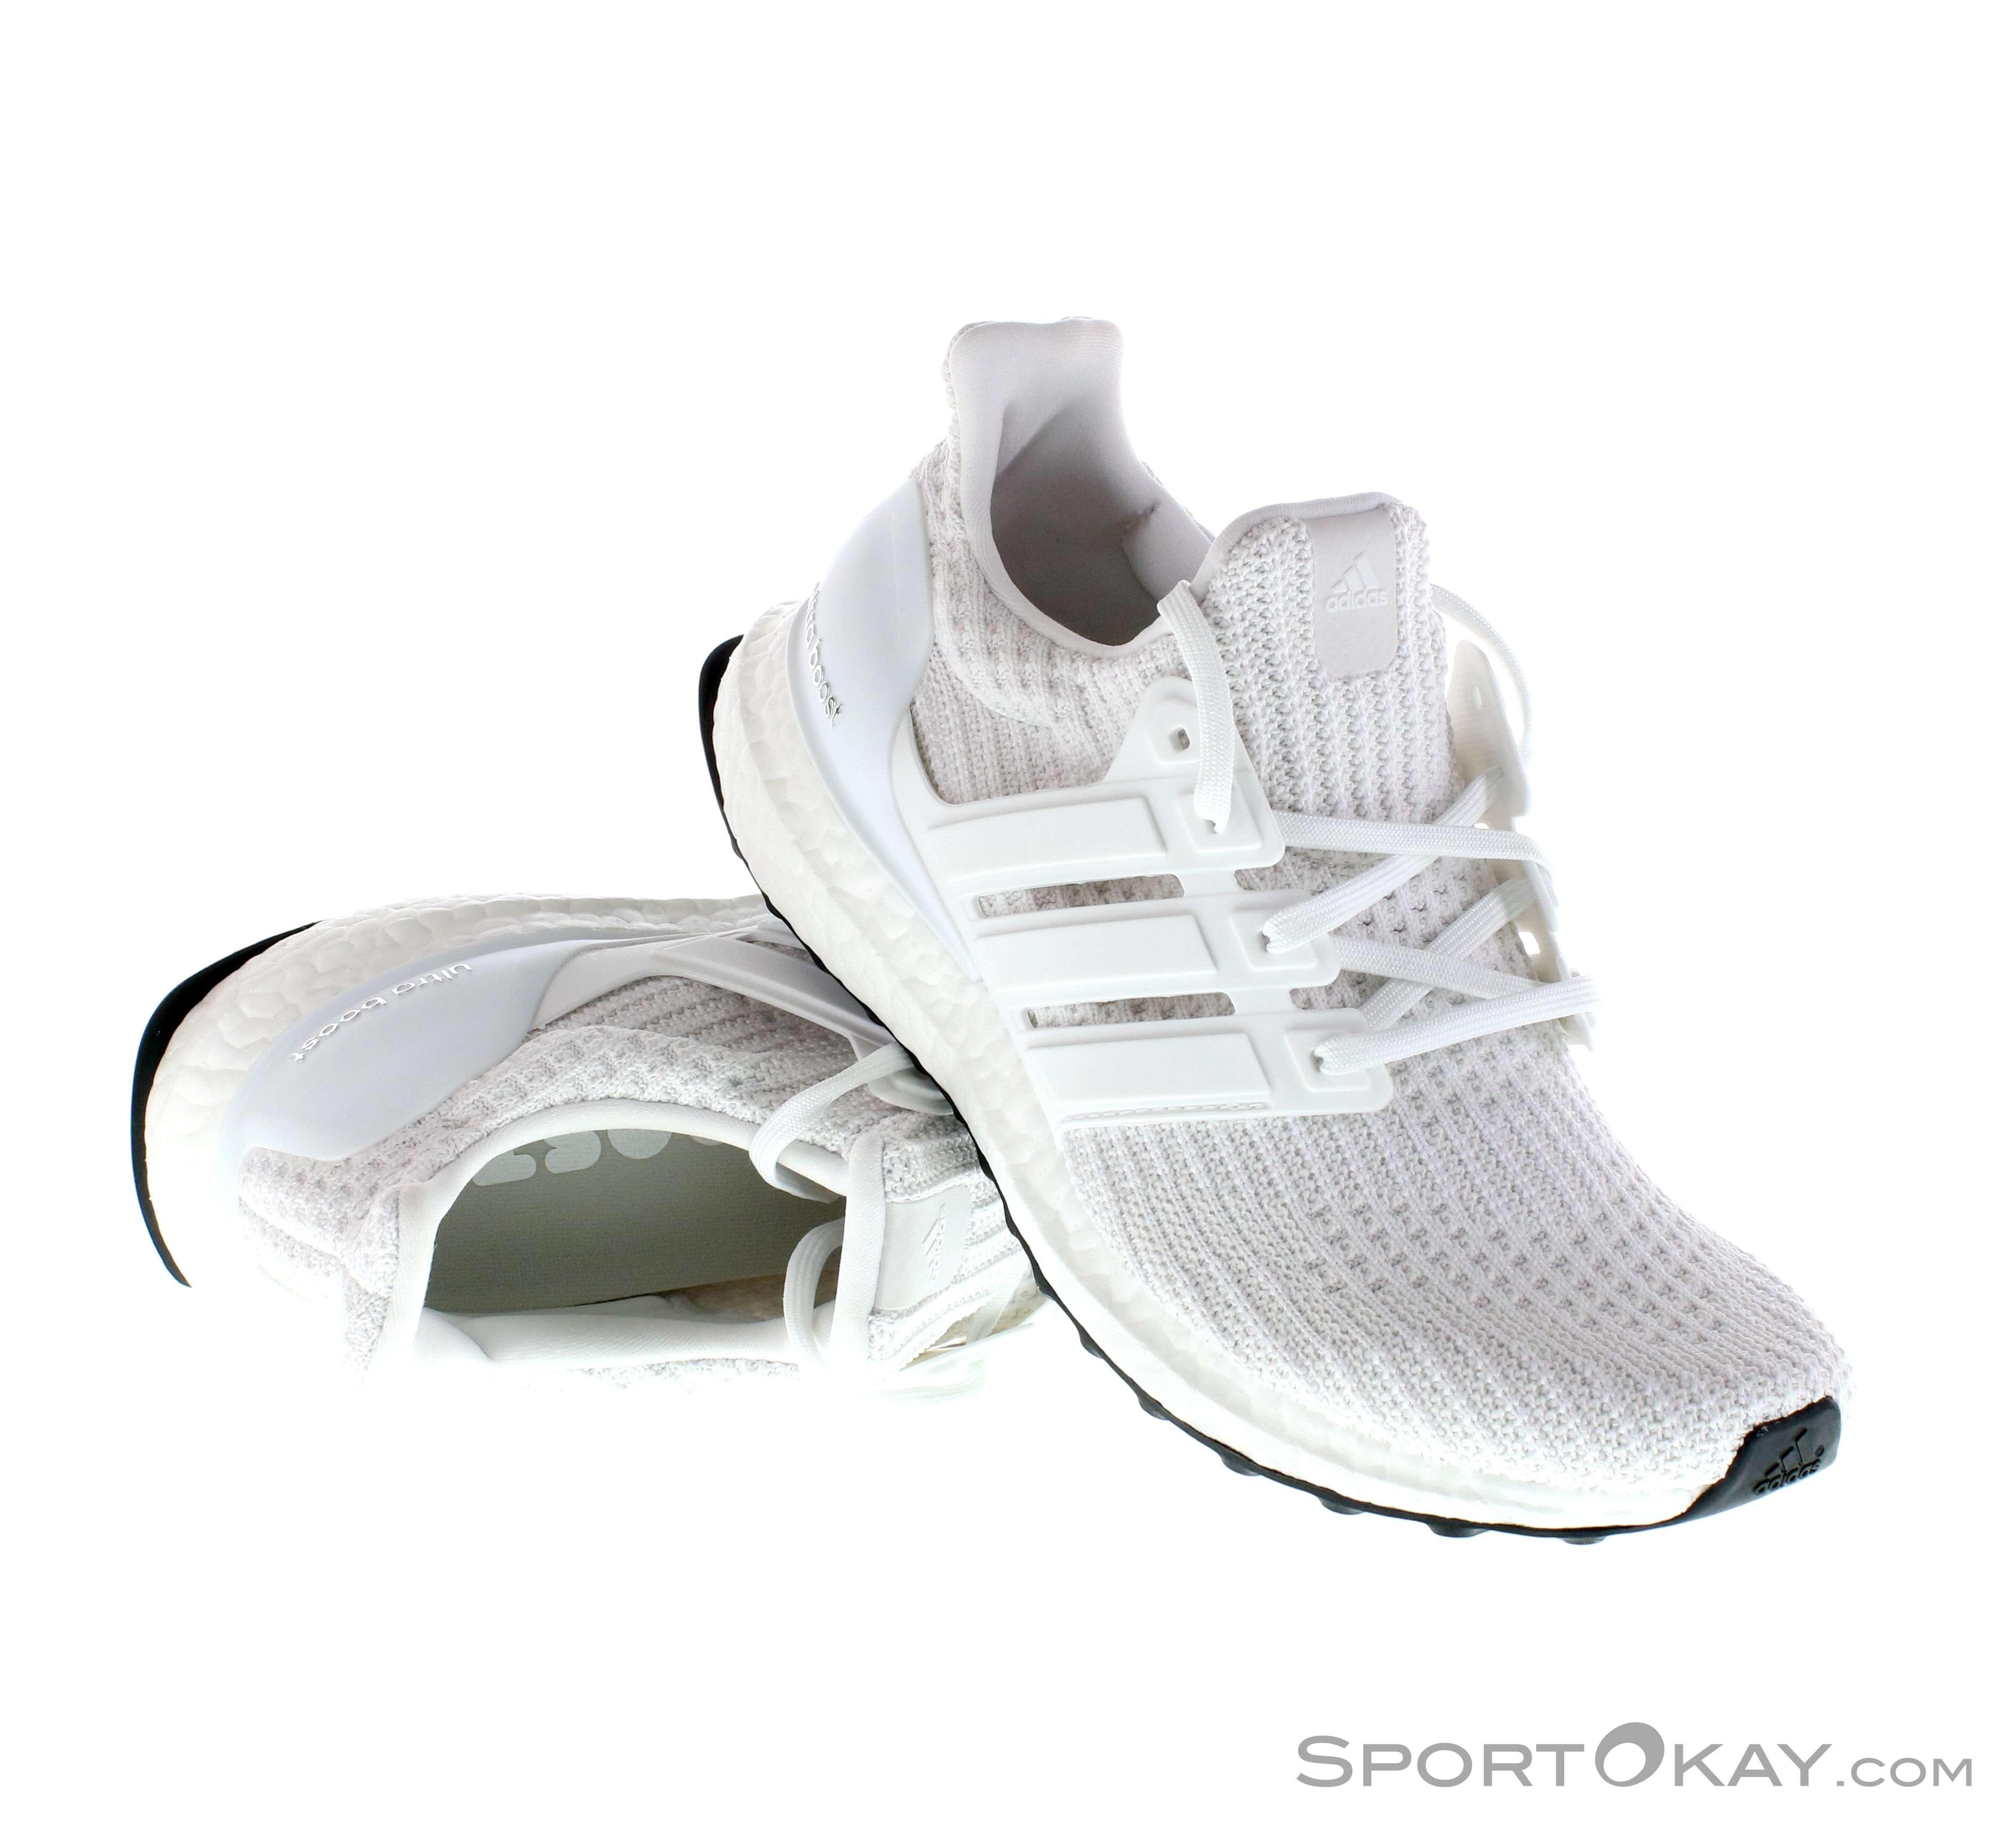 2d5702c6ac3348 adidas UltraBoost Damen Laufschuhe - Allroundlaufschuhe - Laufschuhe ...